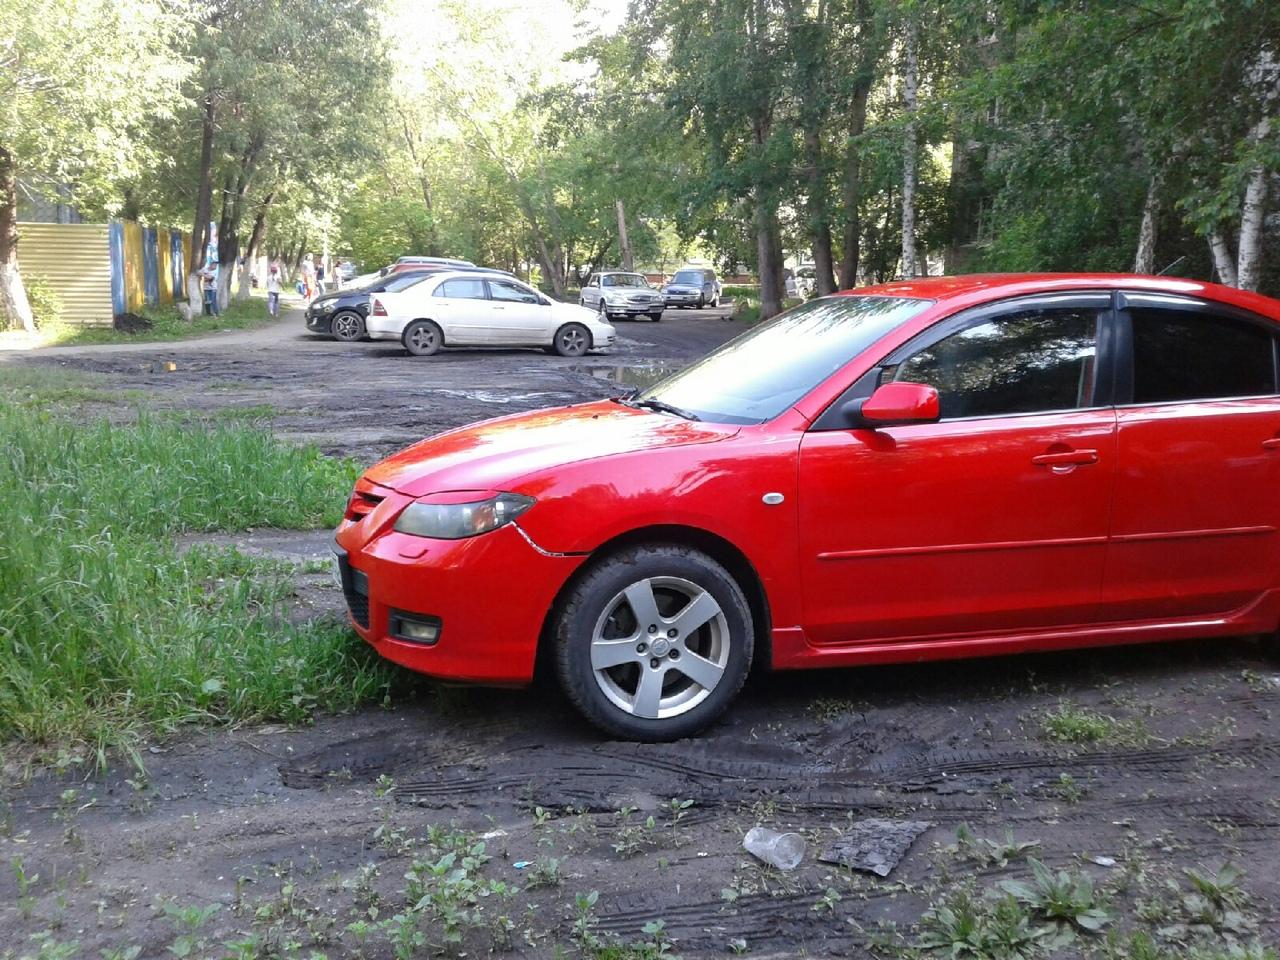 Почти 5 тысяч омичей оштрафовали за парковку на газоне #Омск #Общество #Сегодня